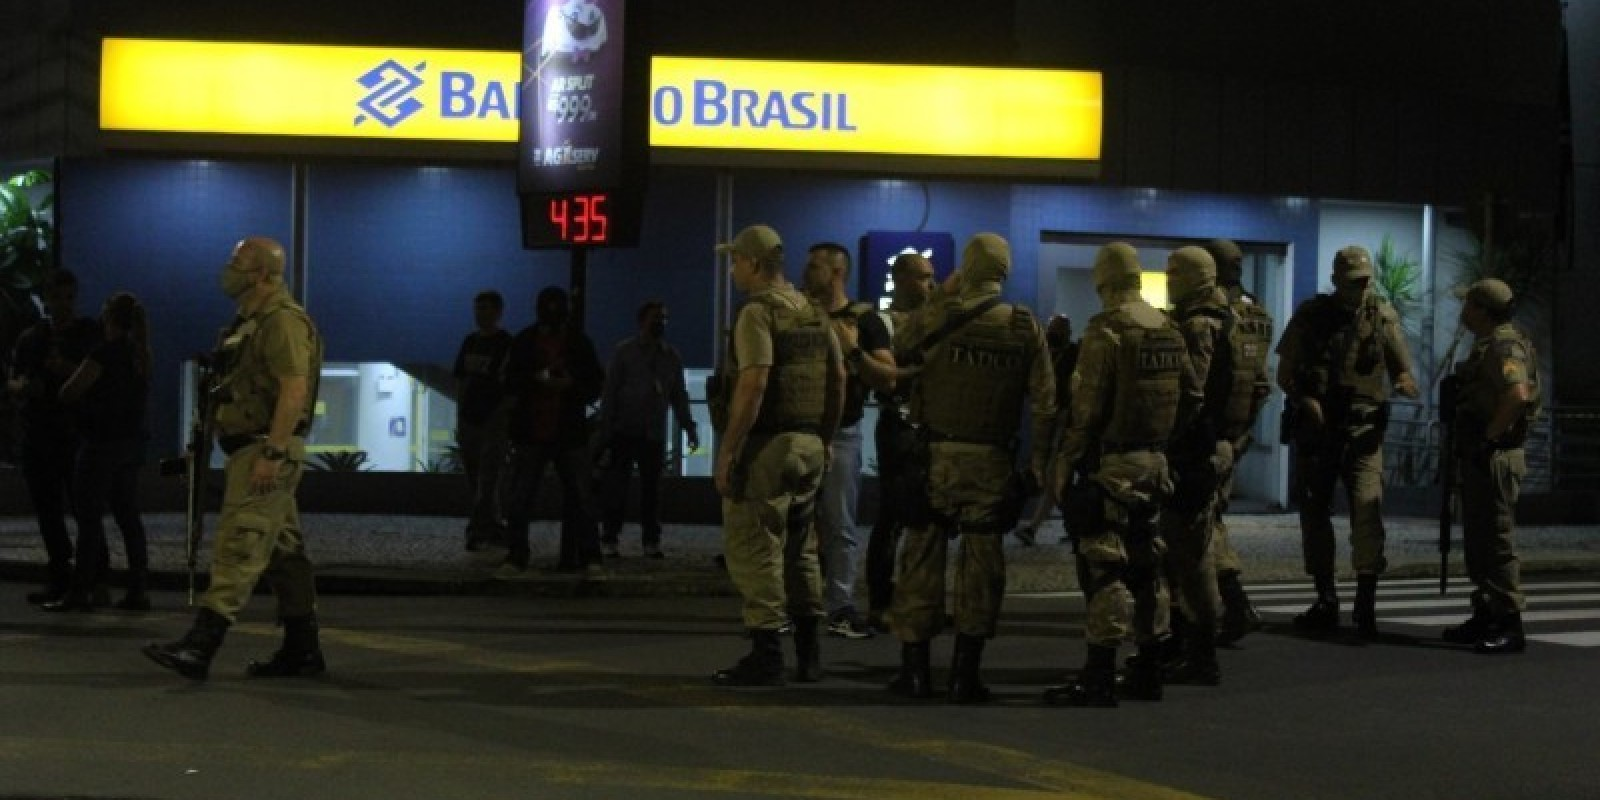 Assaltantes teriam levado R$ 130 milhões do Banco do Brasil, revela habeas corpus negado pelo STJ